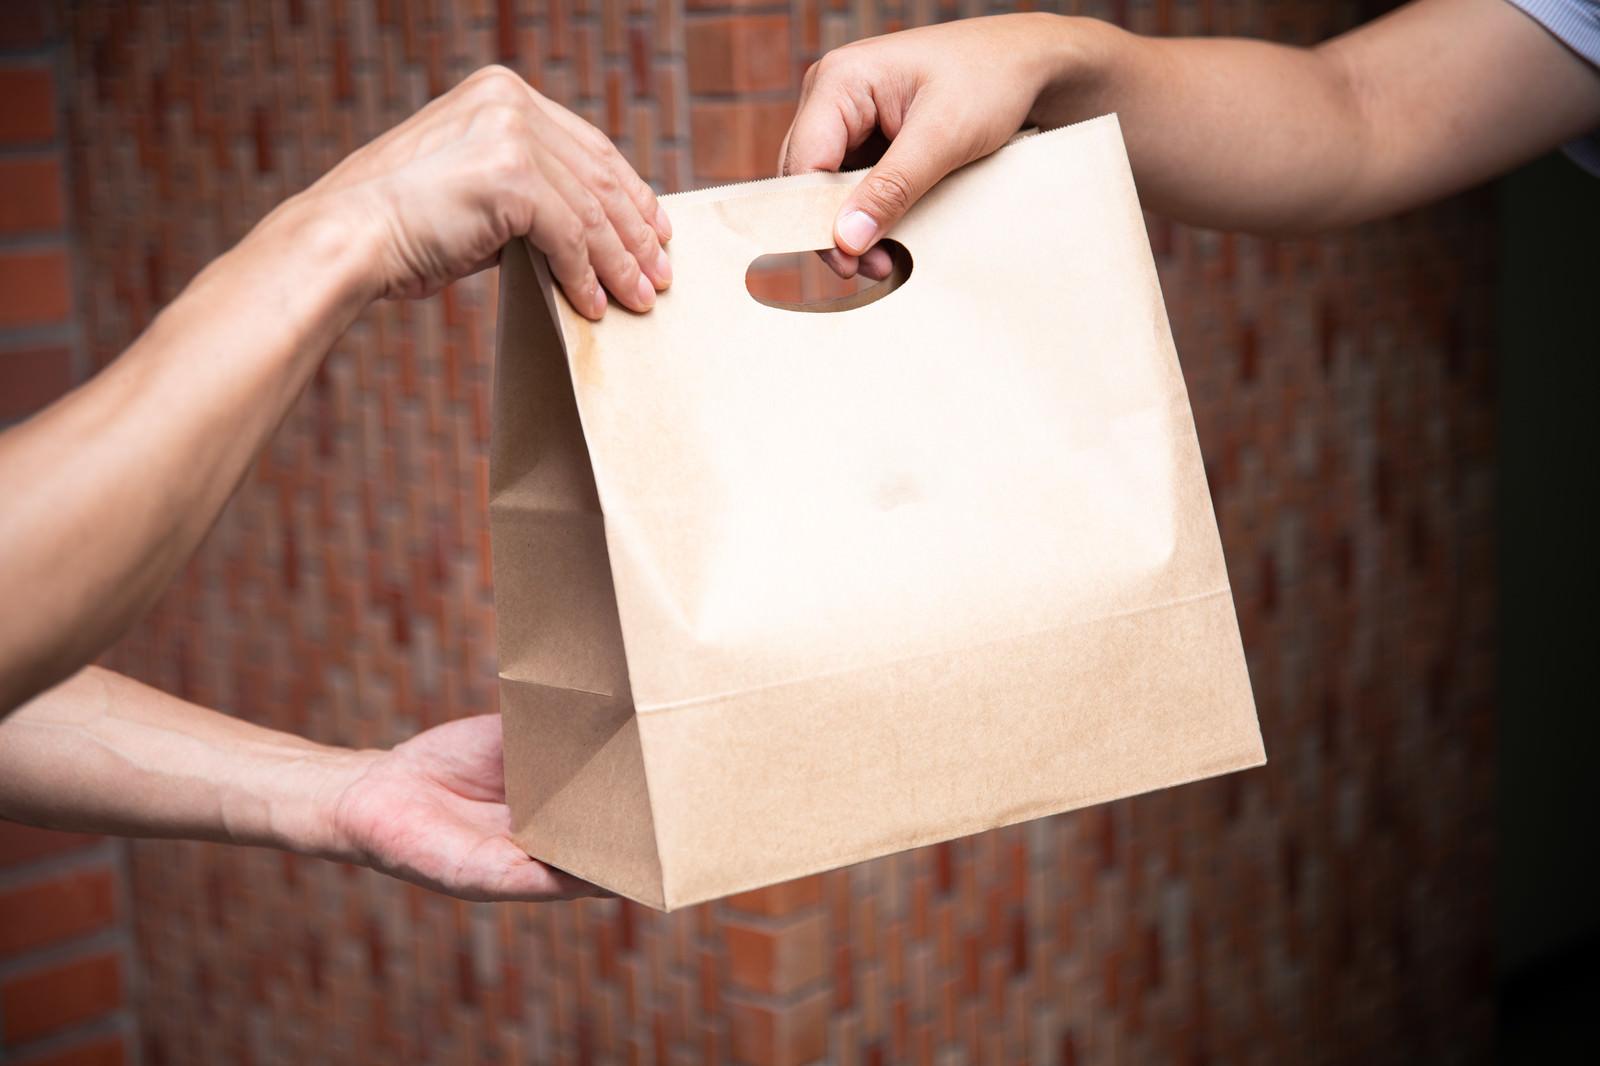 「フードデリバリーの商品受け渡し」の写真